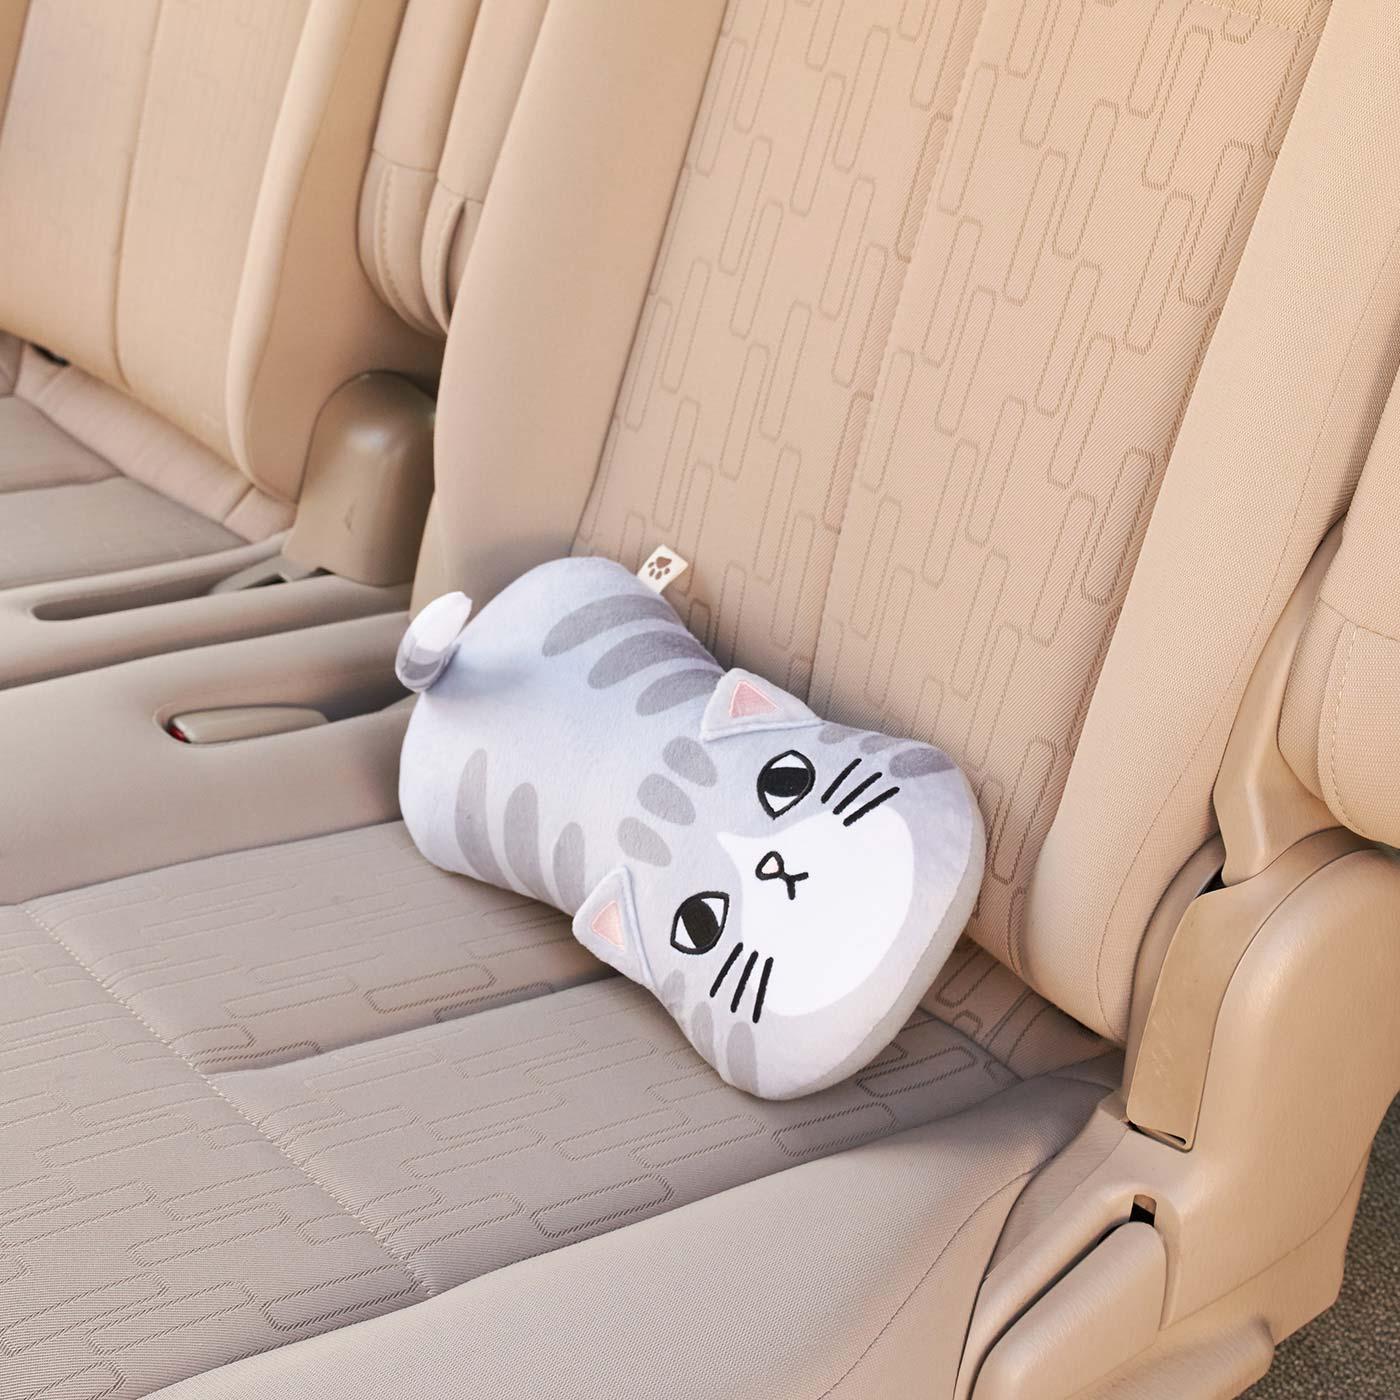 シートベルトから取り外せば、枕やクッションとして大活躍。